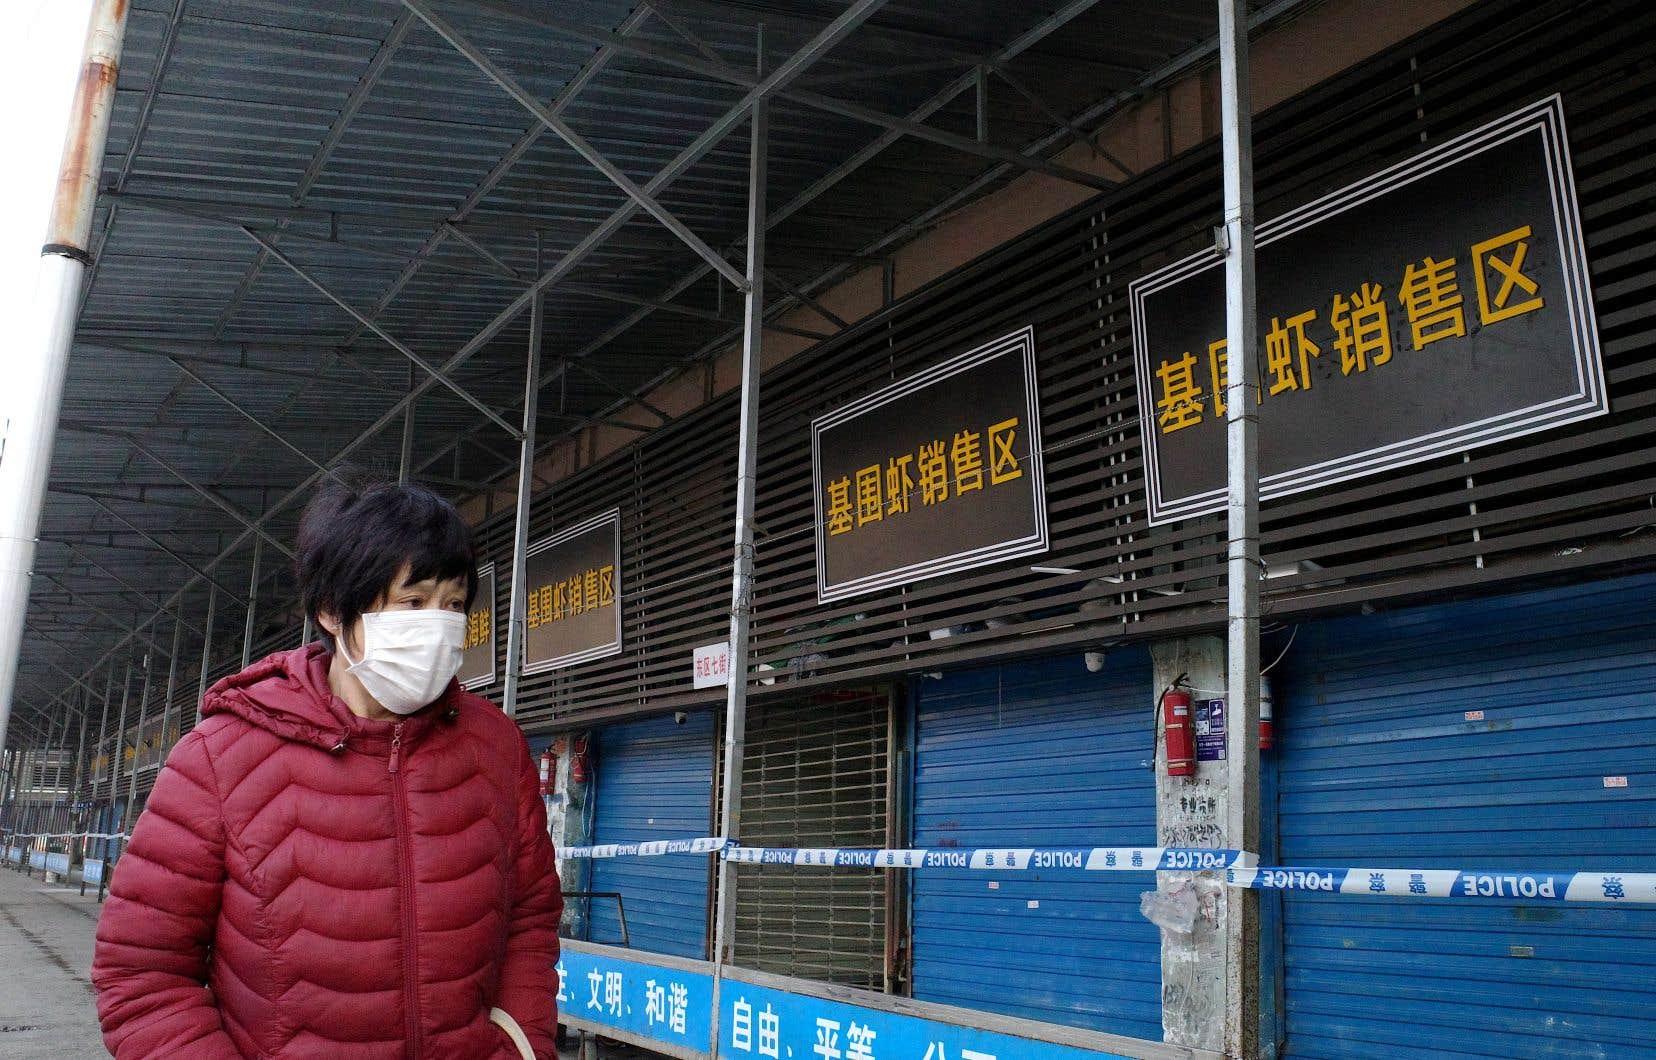 <p>L'enquête des autorités chinoises a permis de déterminer que plusieurs patients travaillaient sur un marché de la ville spécialisé dans la vente en gros de fruits de mer et de poissons.</p>